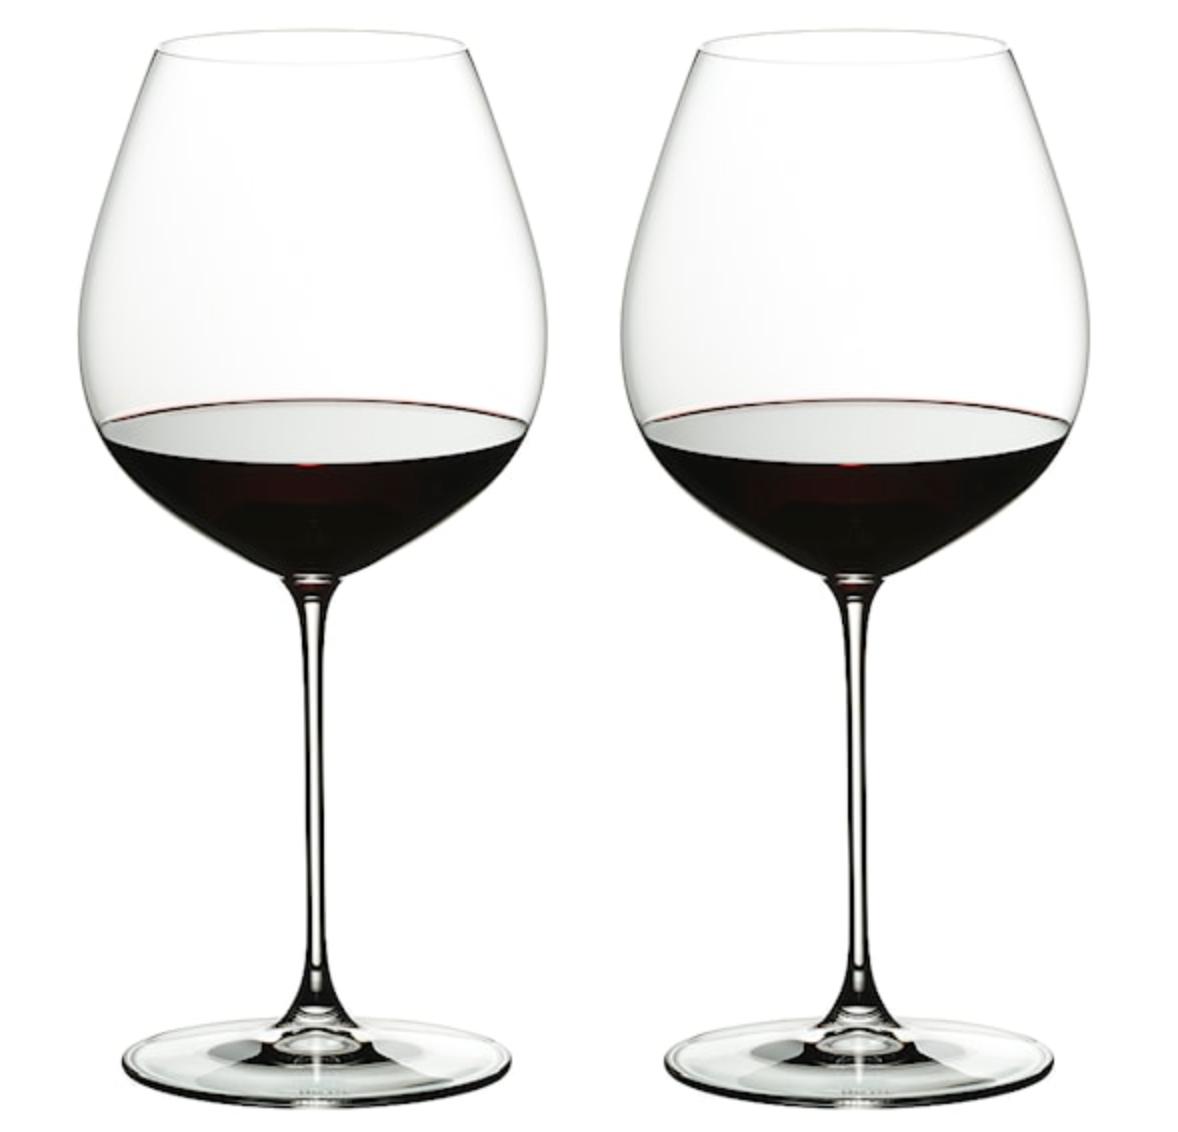 Snygga glas till Pinot Noir.